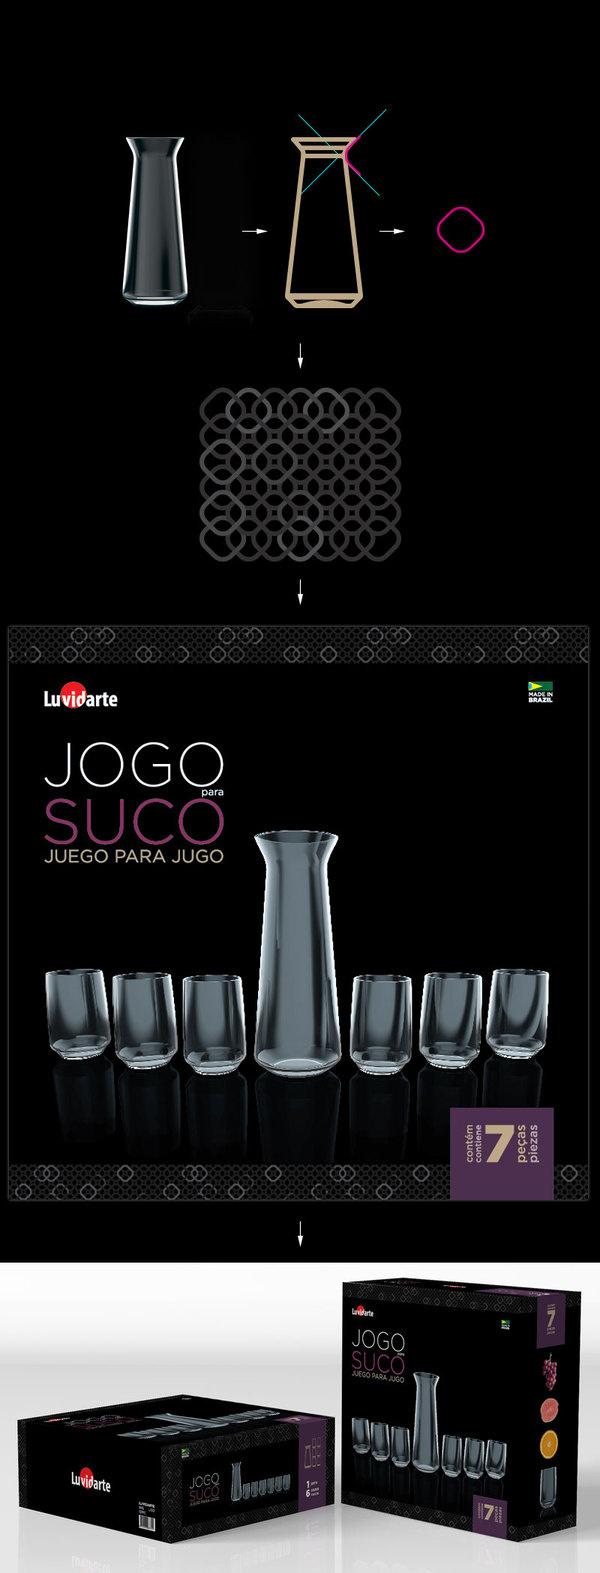 Luvidarte packaging : #packaging